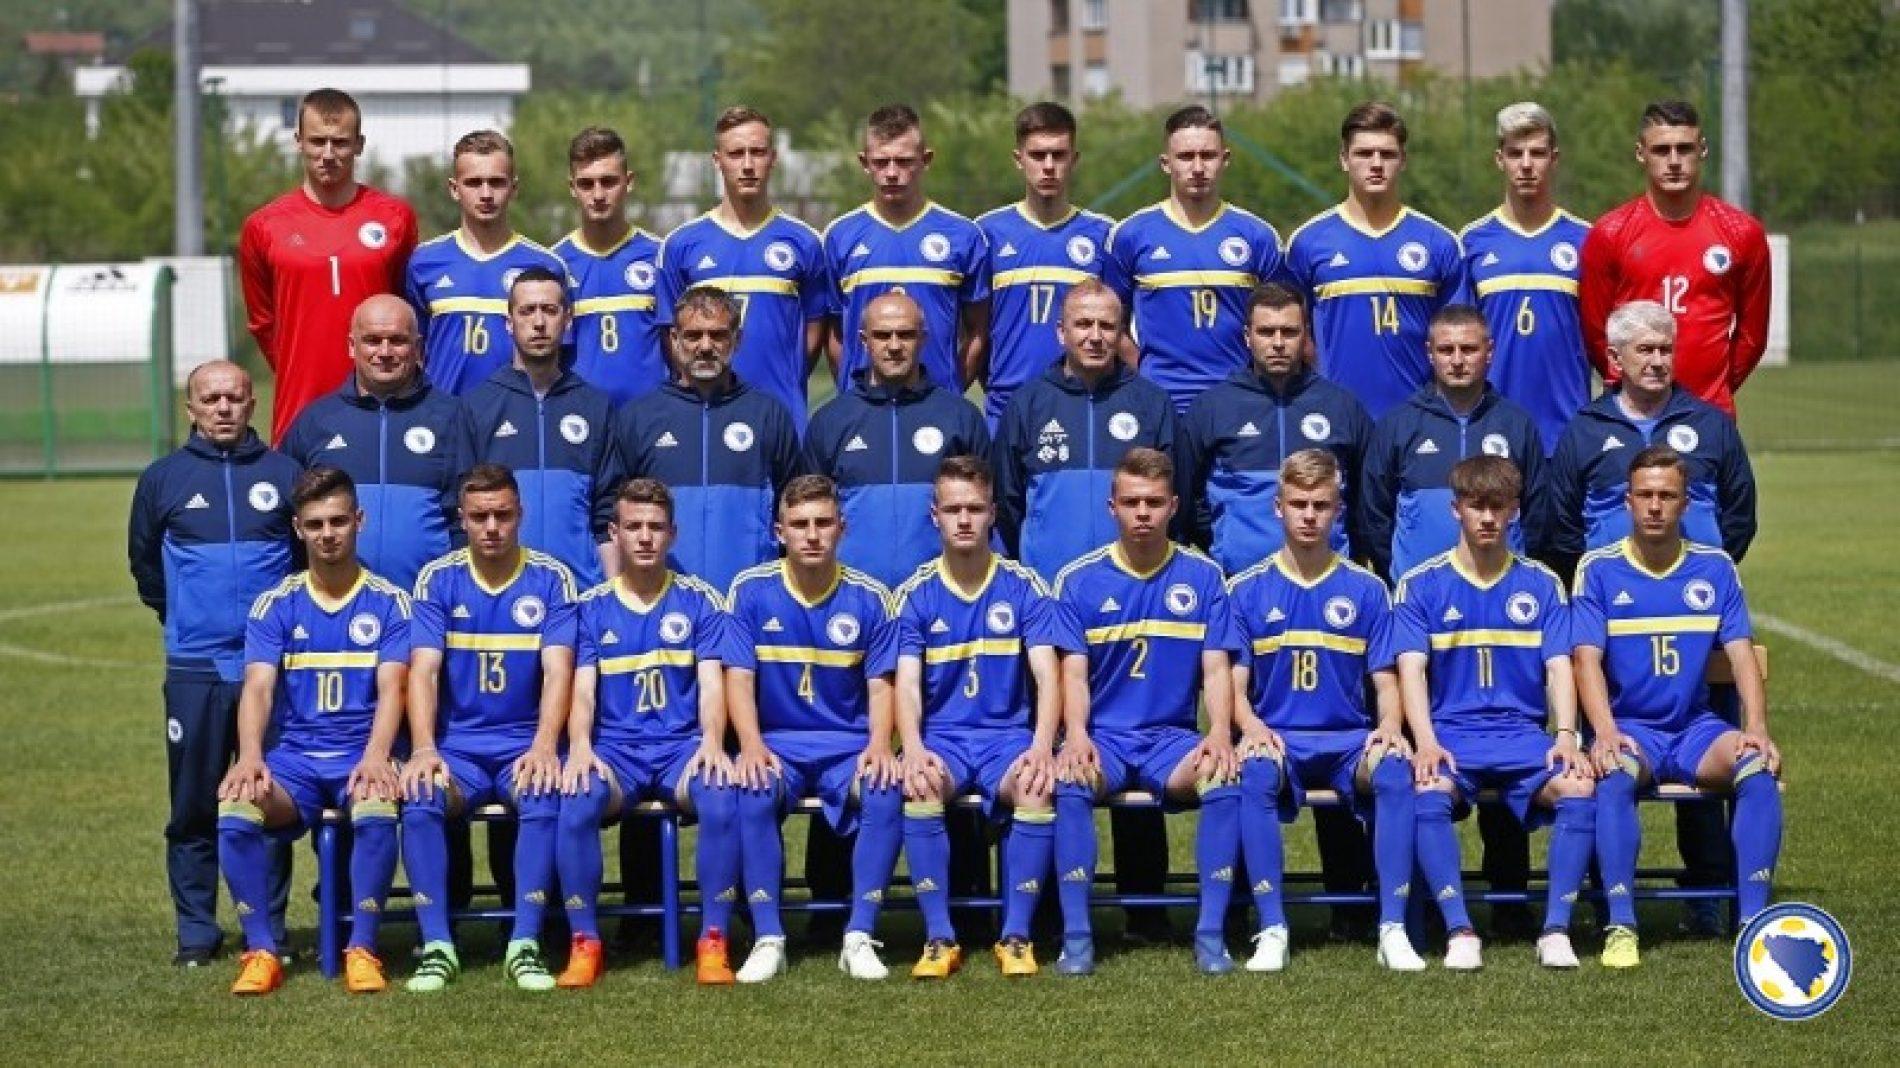 Pobjeda kadetske reprezentacije Bosne i Hercegovine na otvaranju Eura!